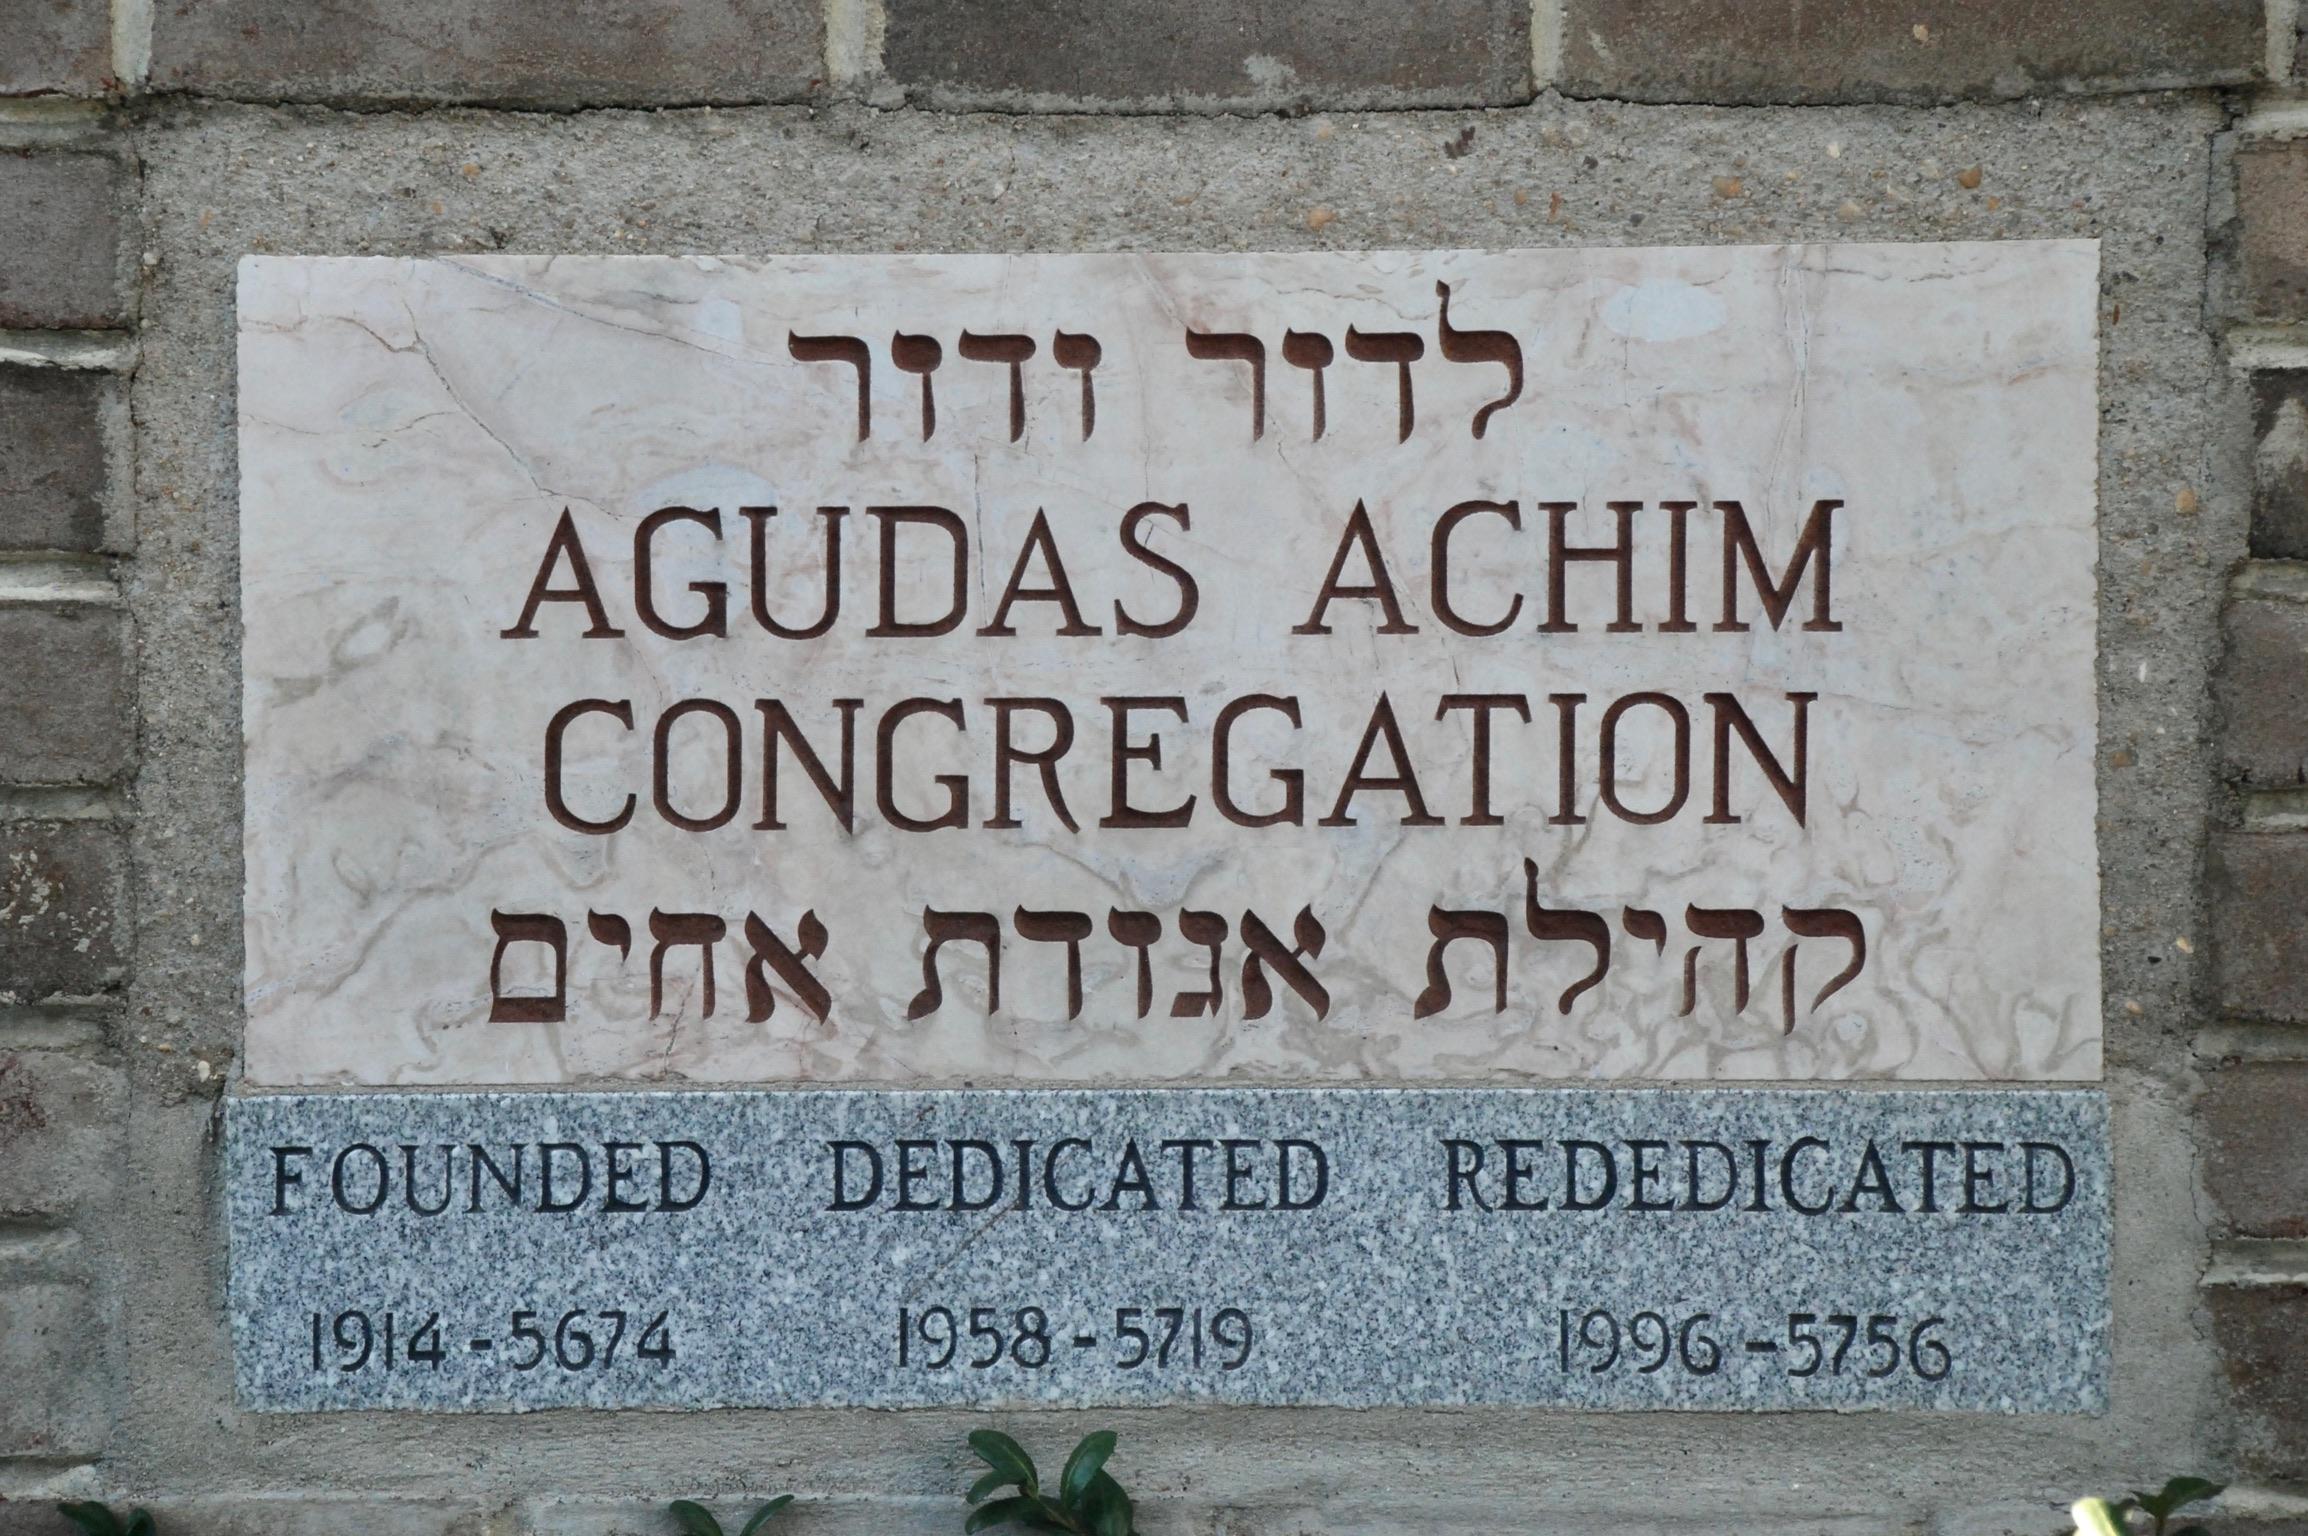 Agudas Achim